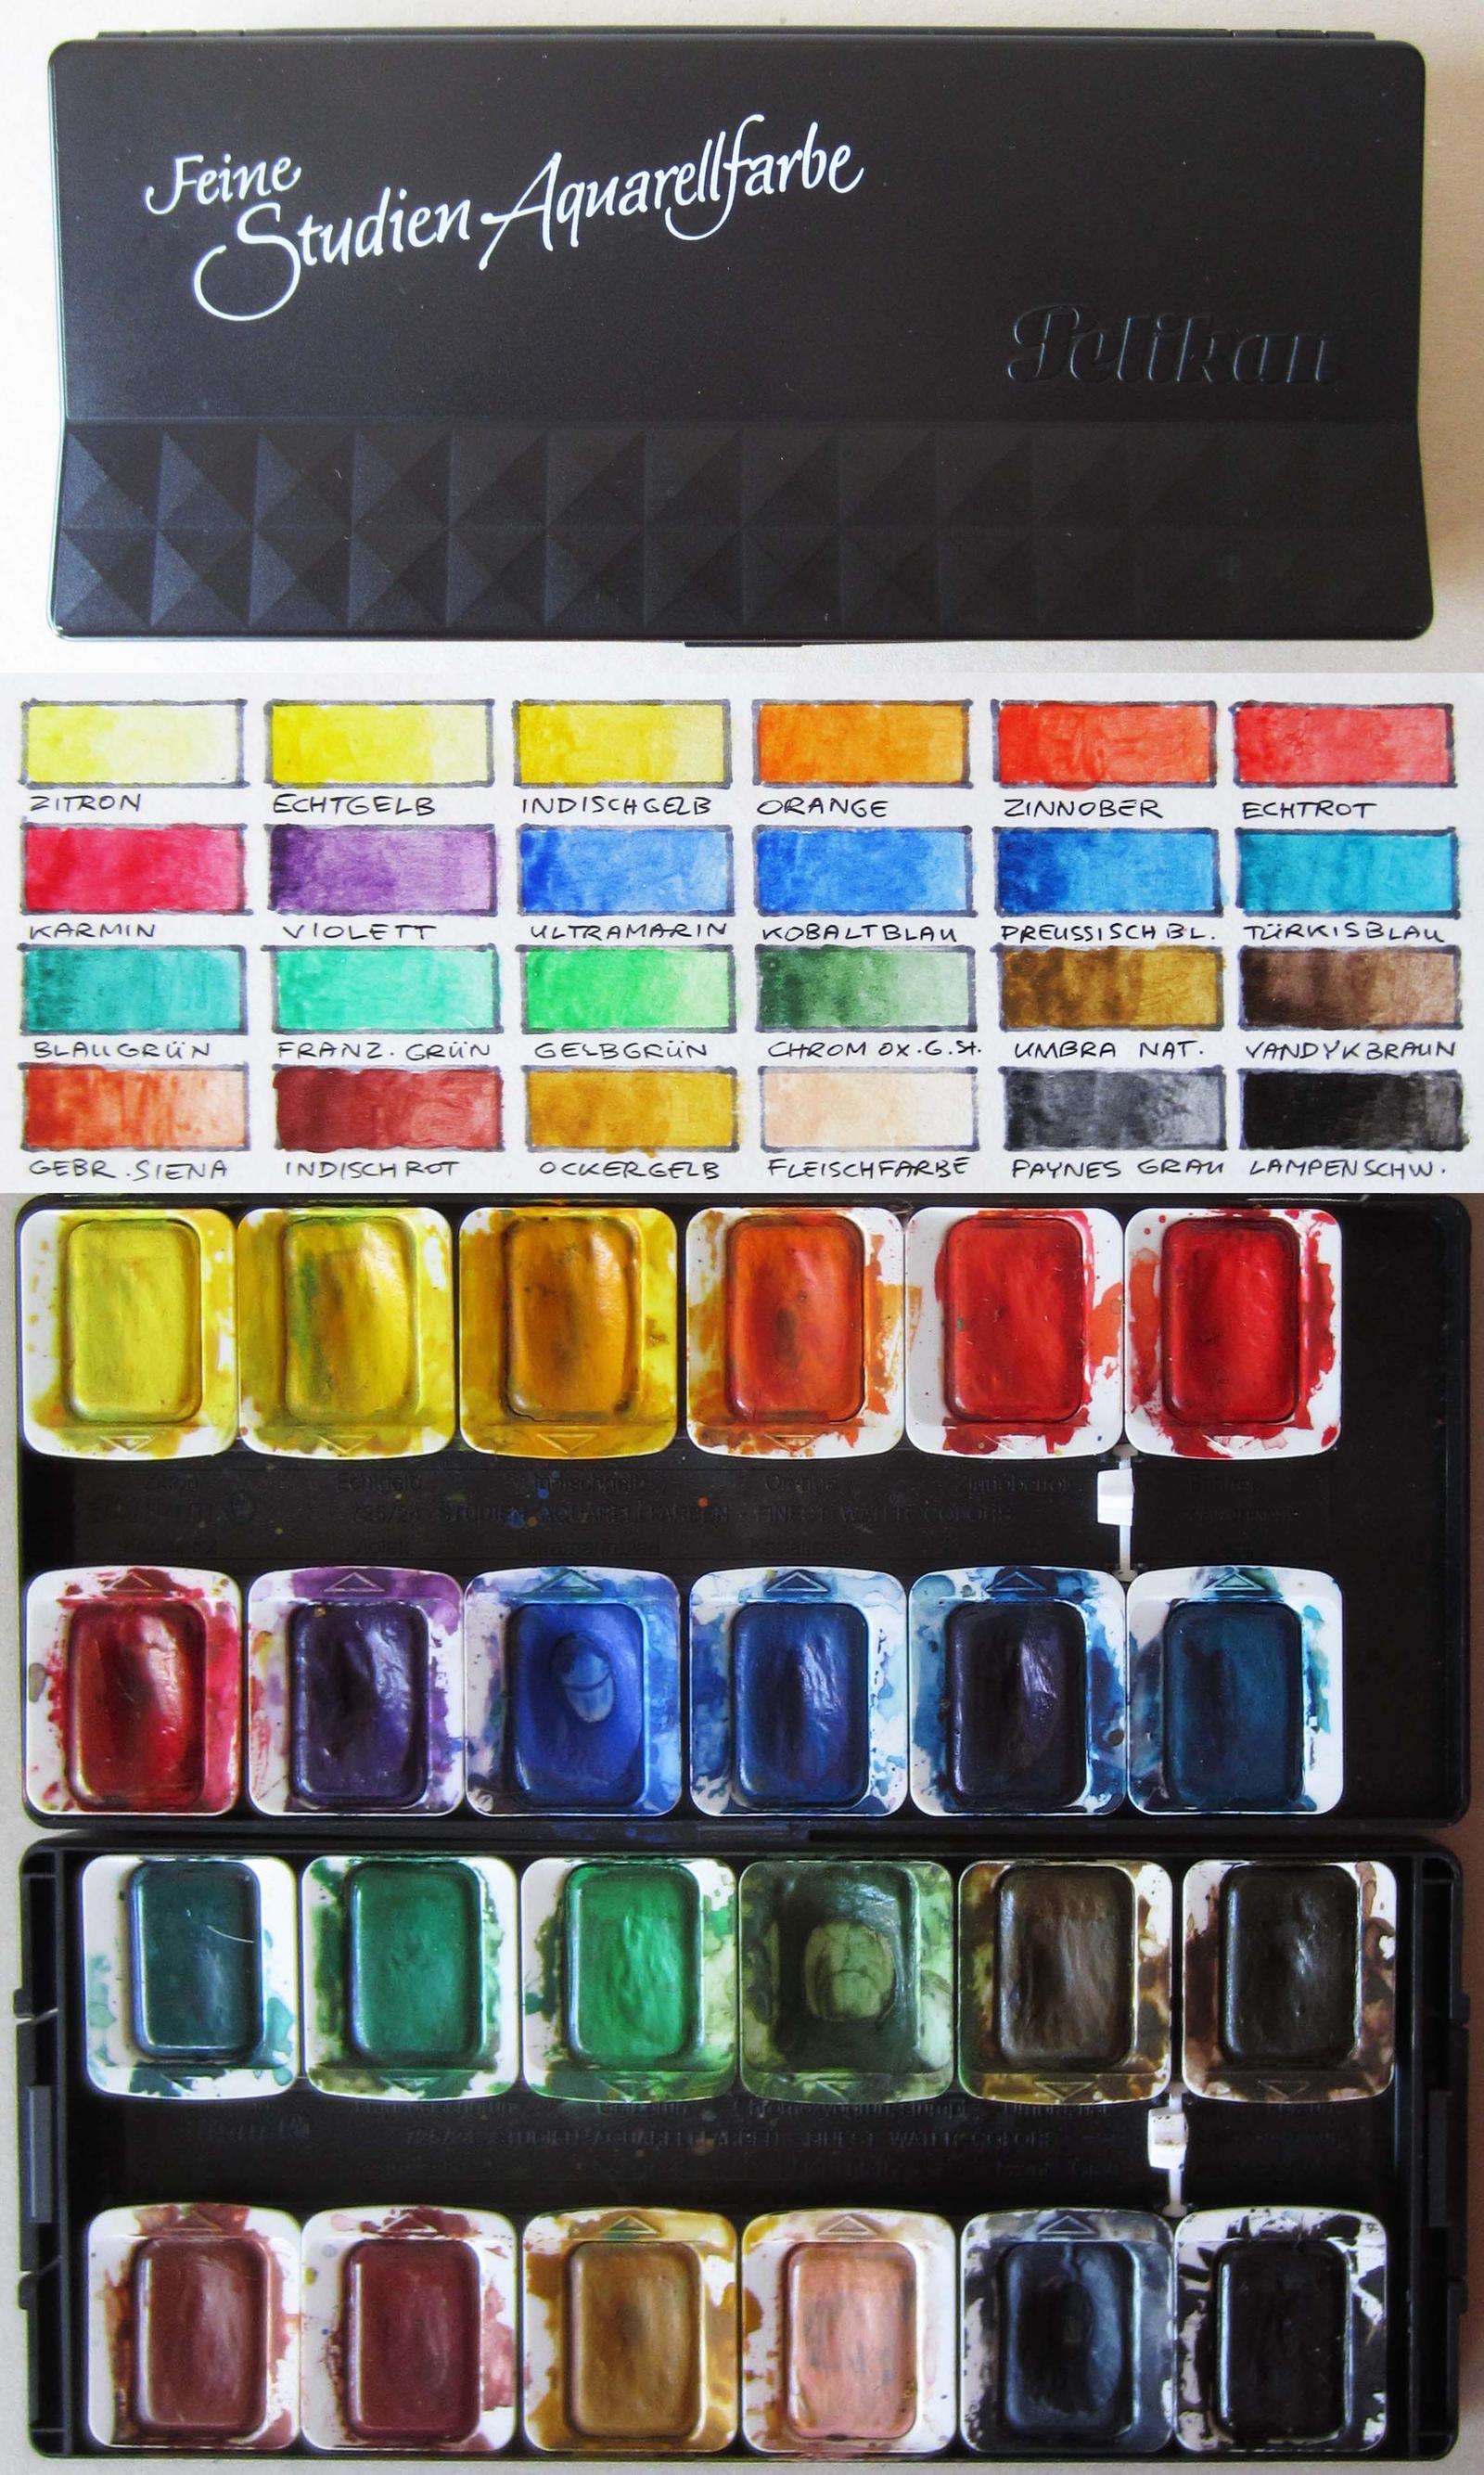 Pelikan Feine Studien Aquarellfarbe